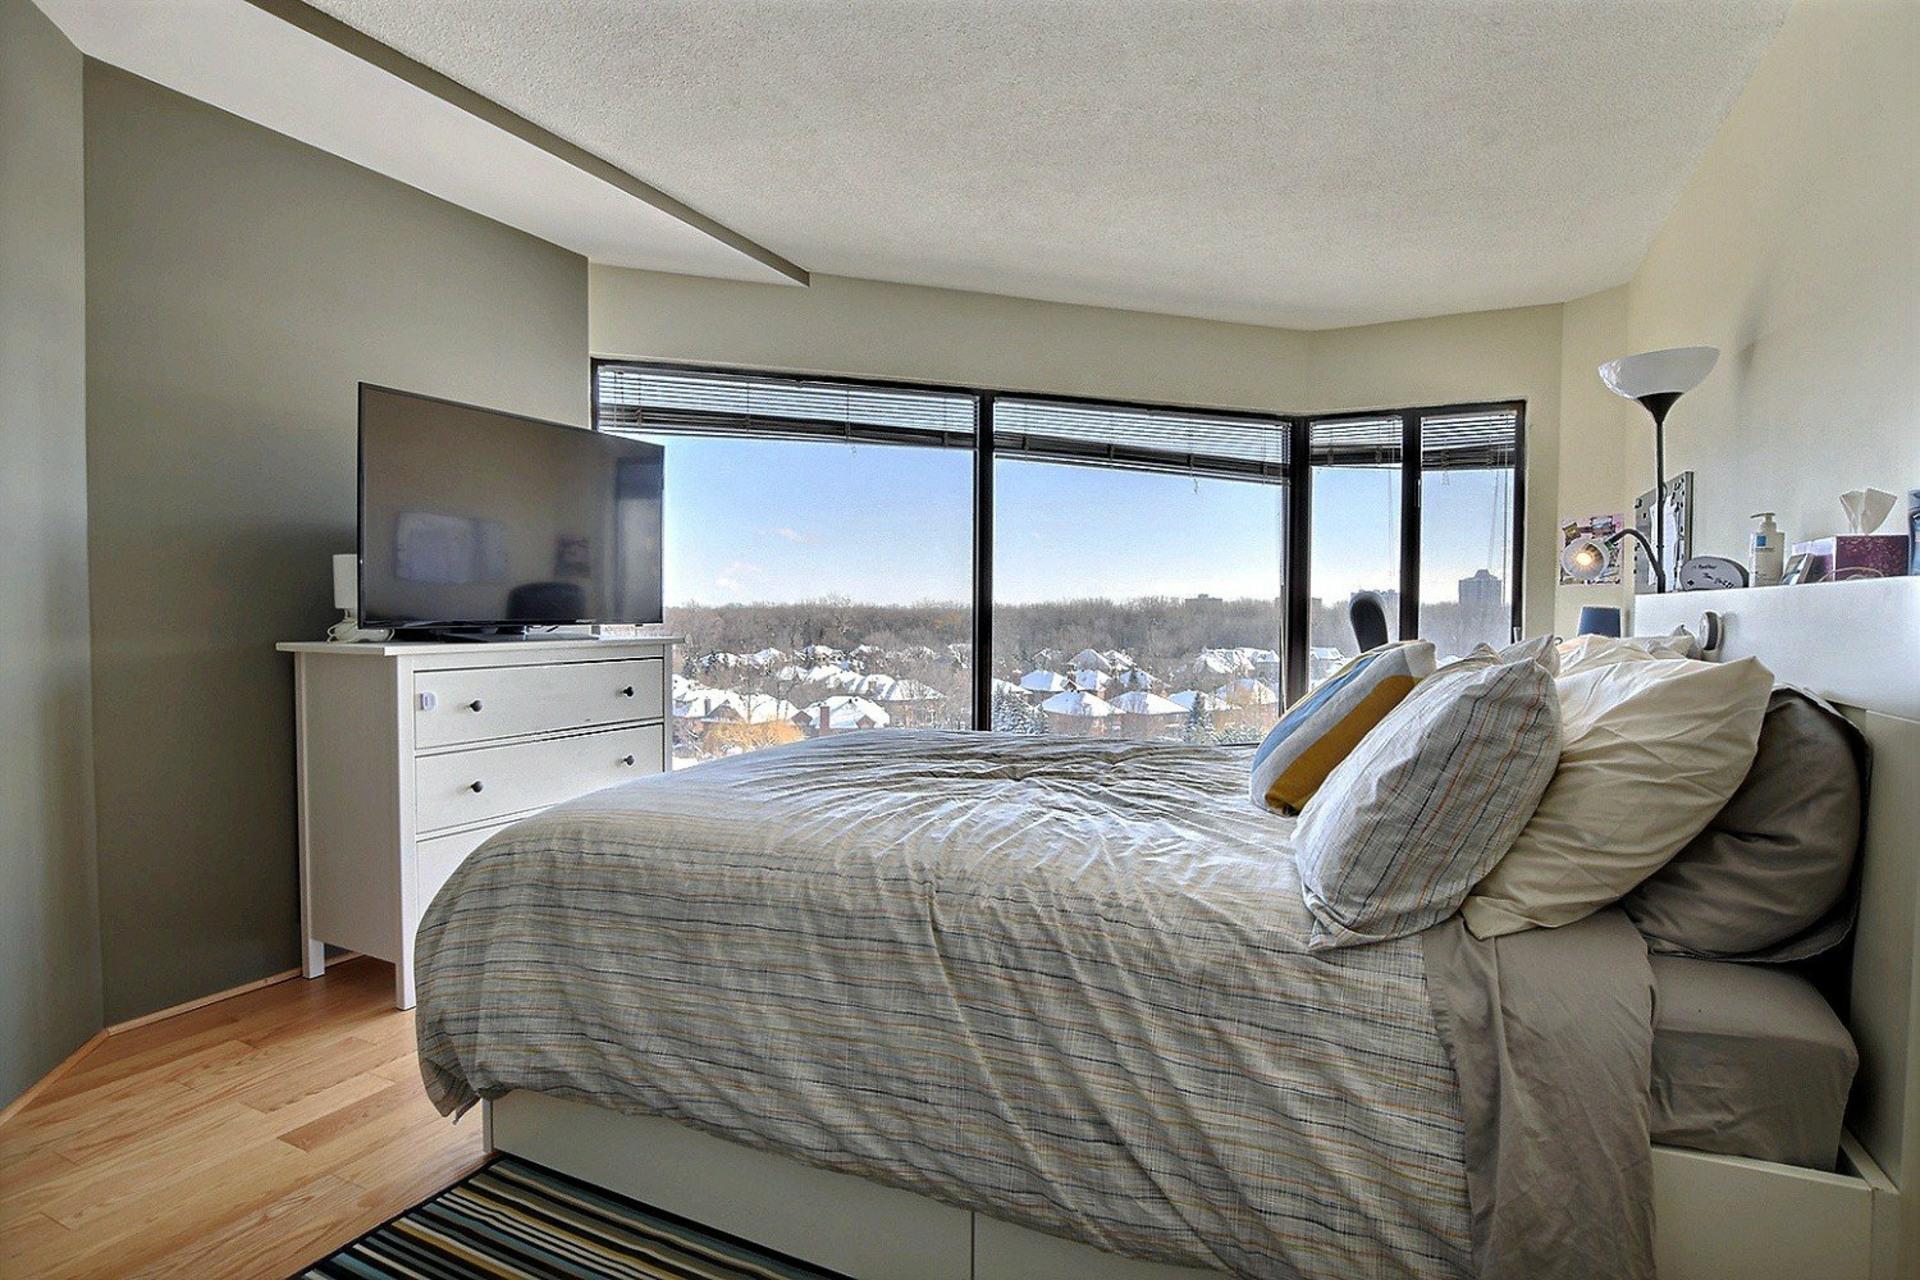 image 15 - Appartement À vendre Montréal Verdun/Île-des-Soeurs  - 5 pièces